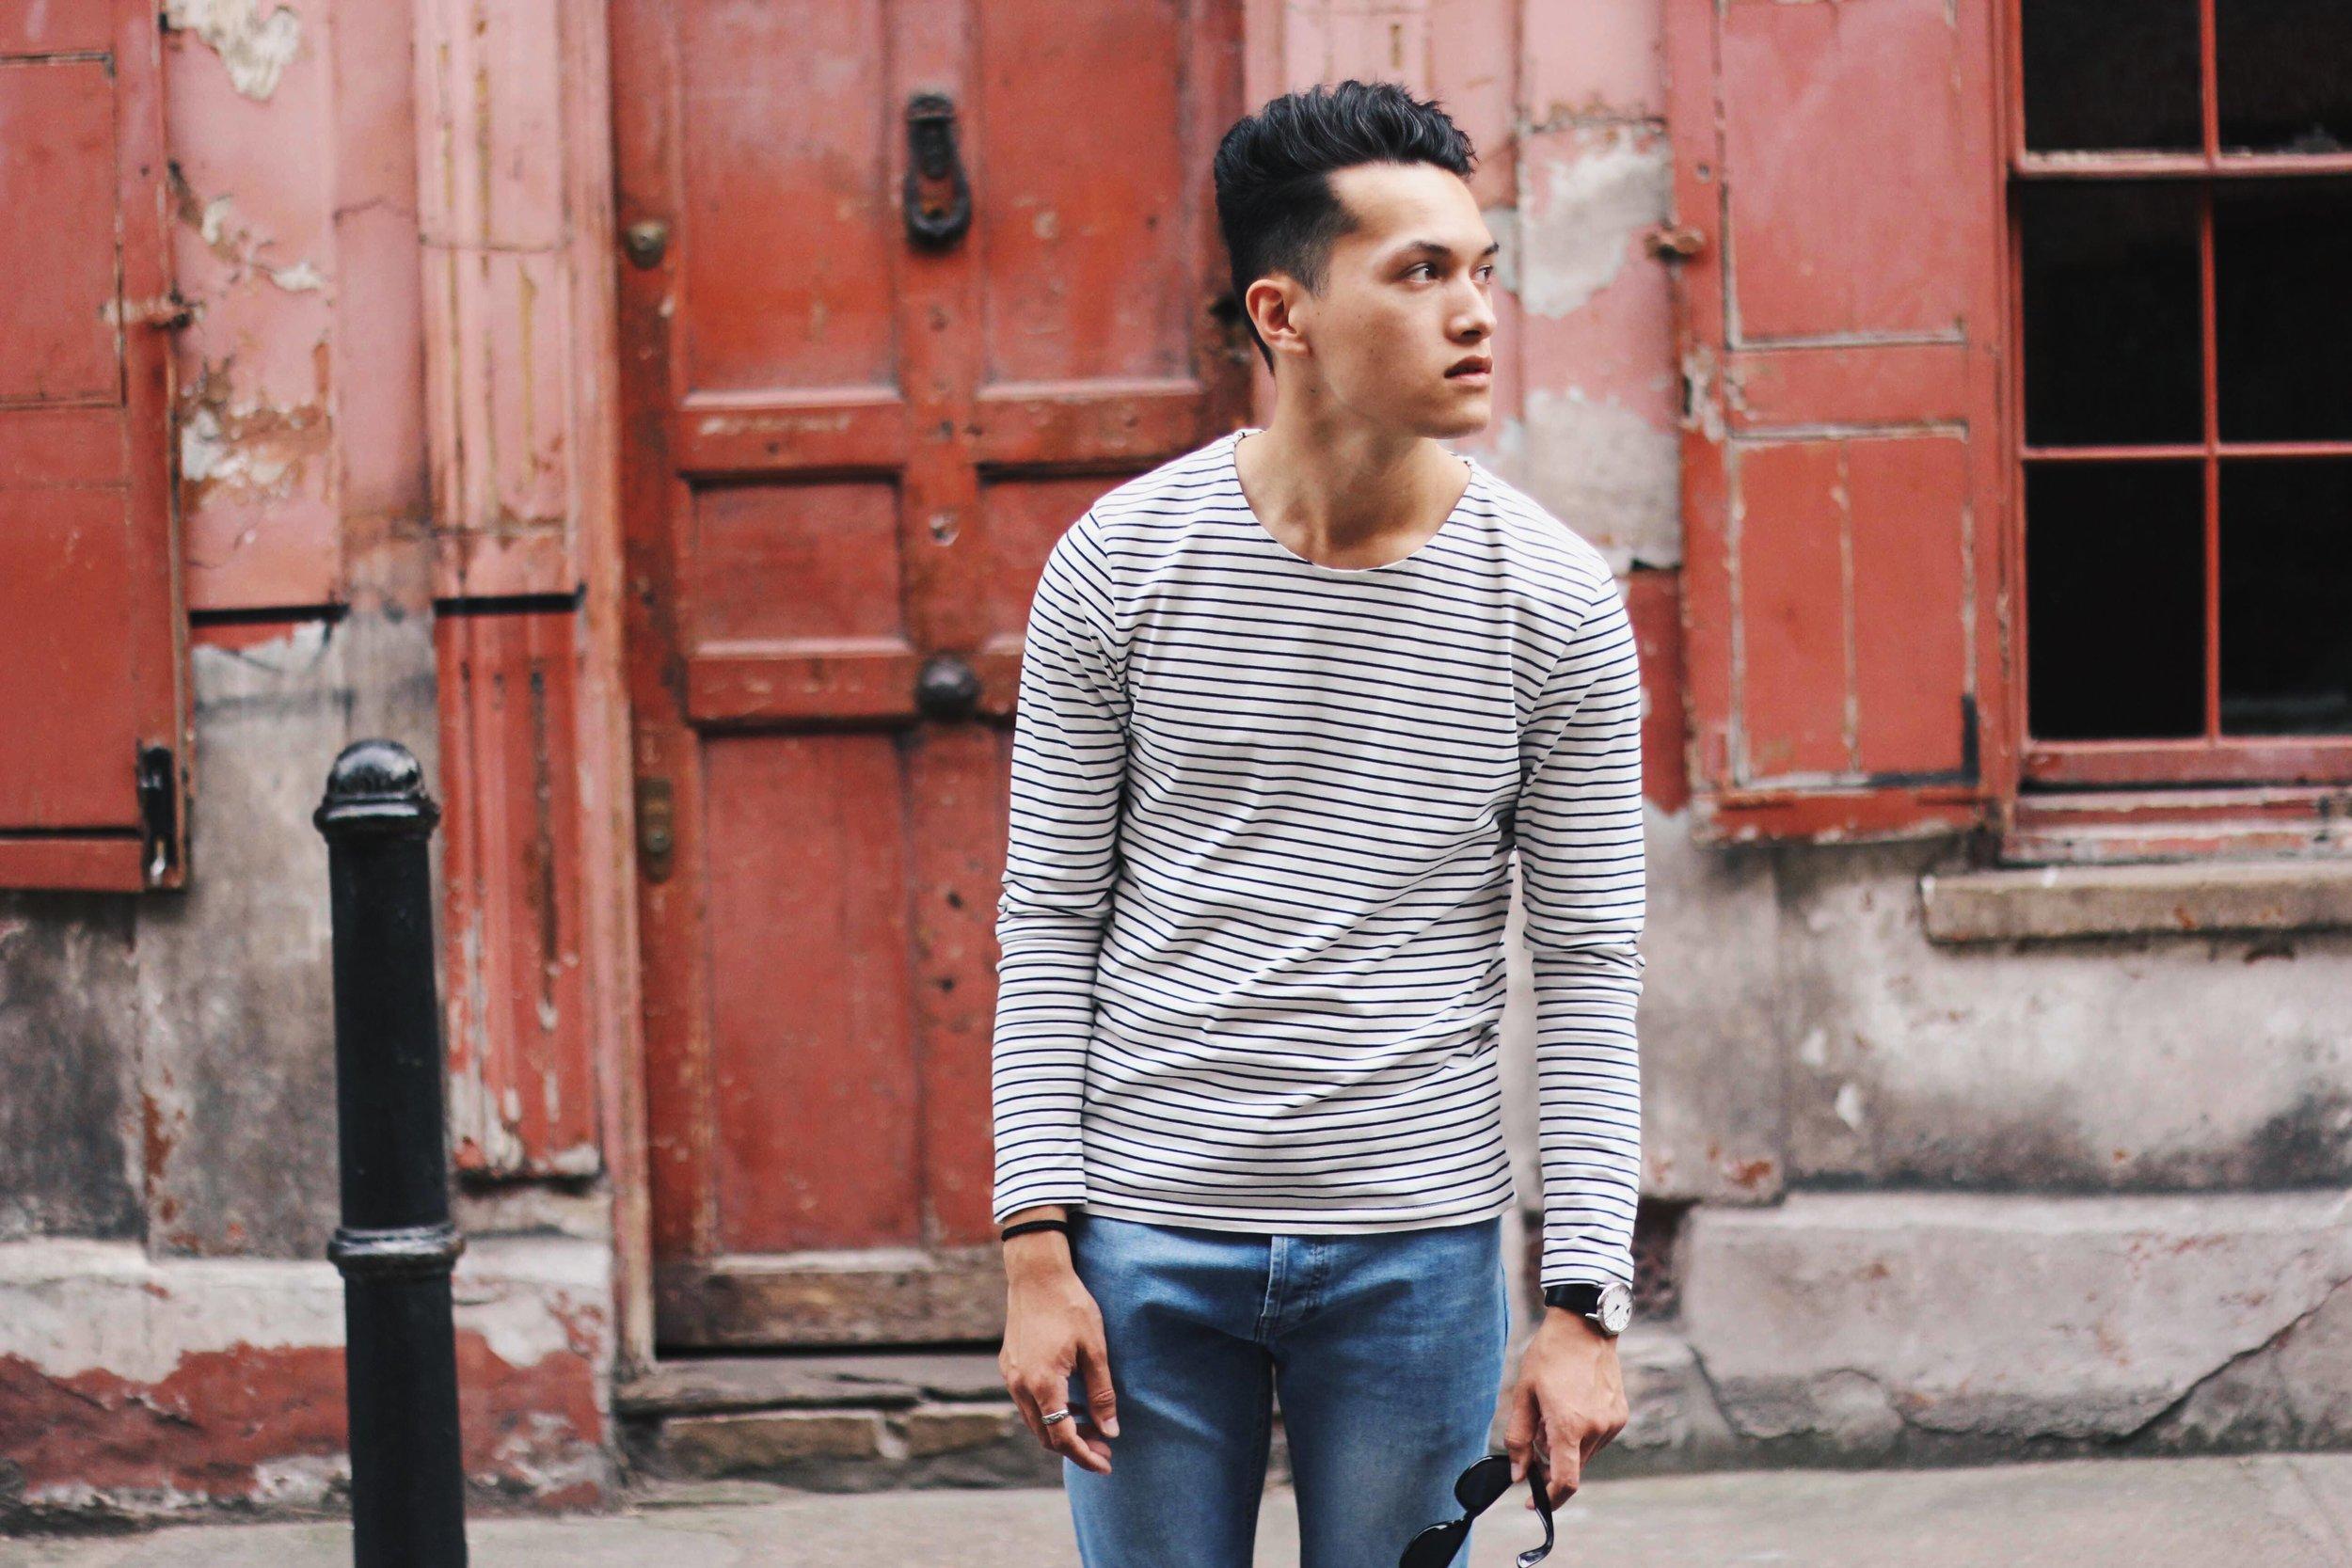 Jordan_Bunker_stripey_tees_ripped_jeans_4.jpg